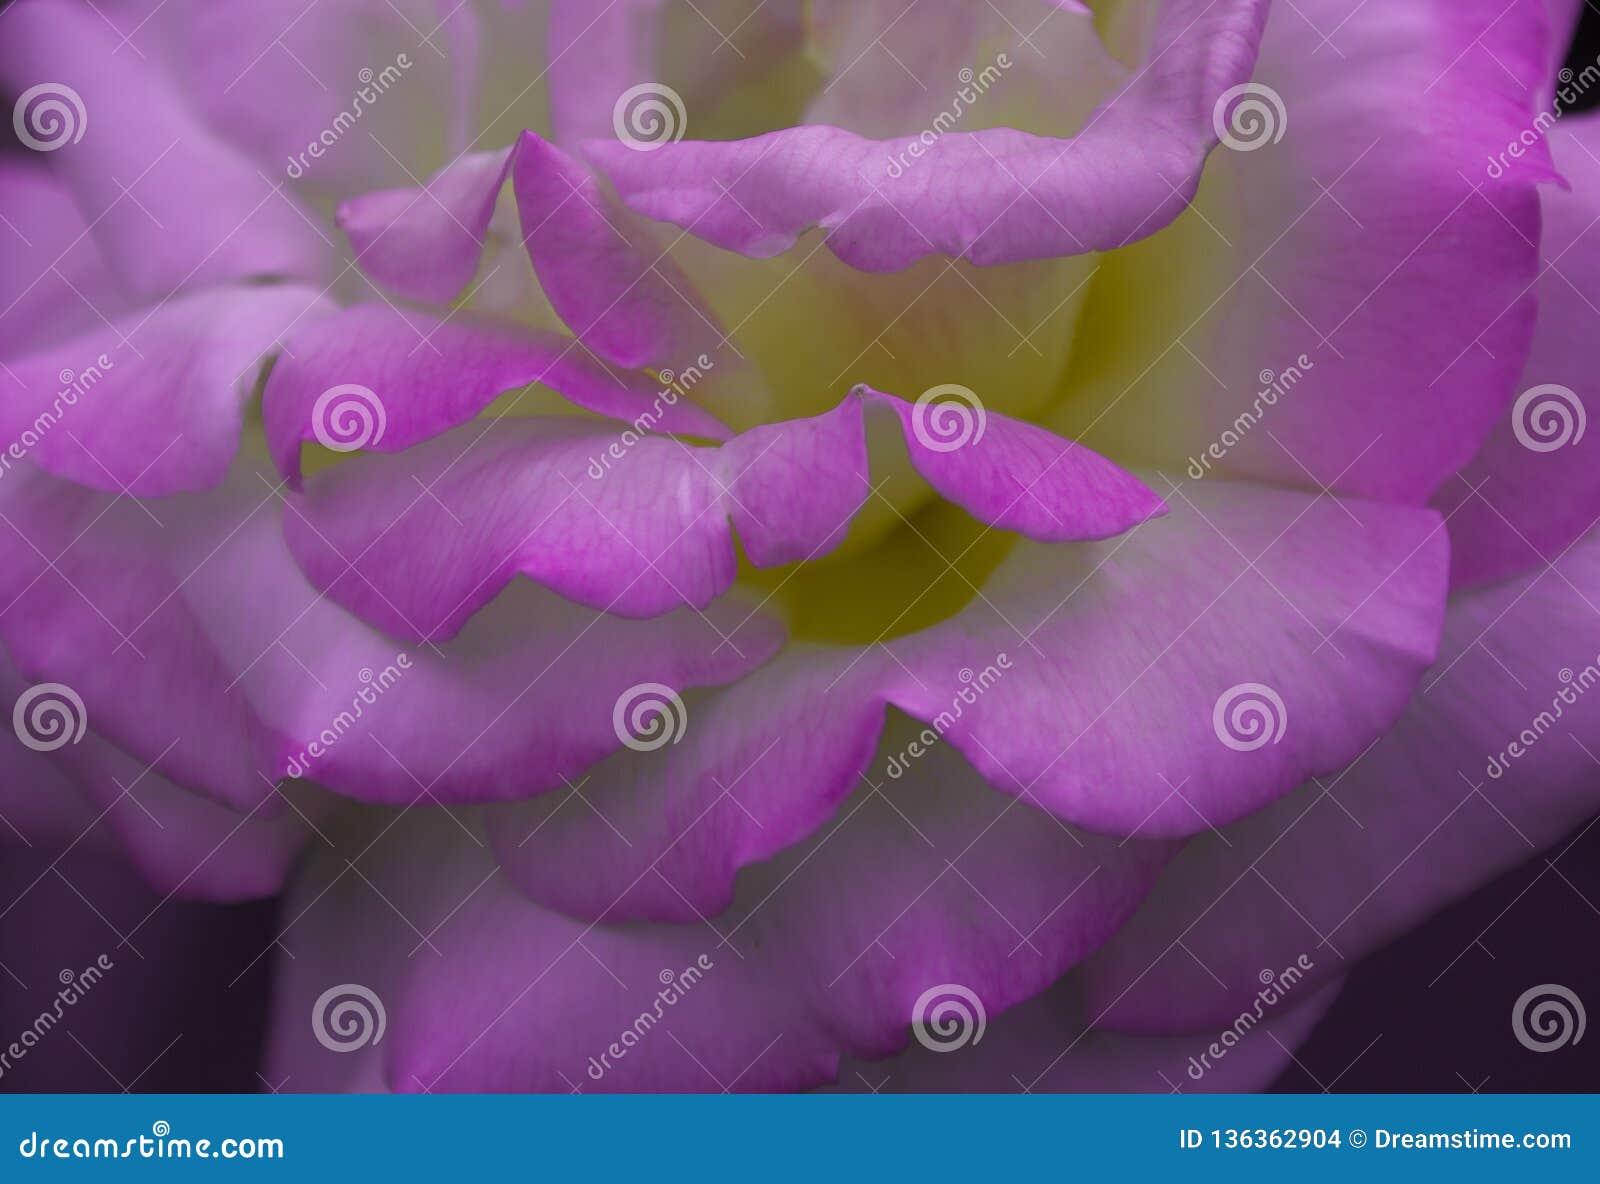 Rose petals texture